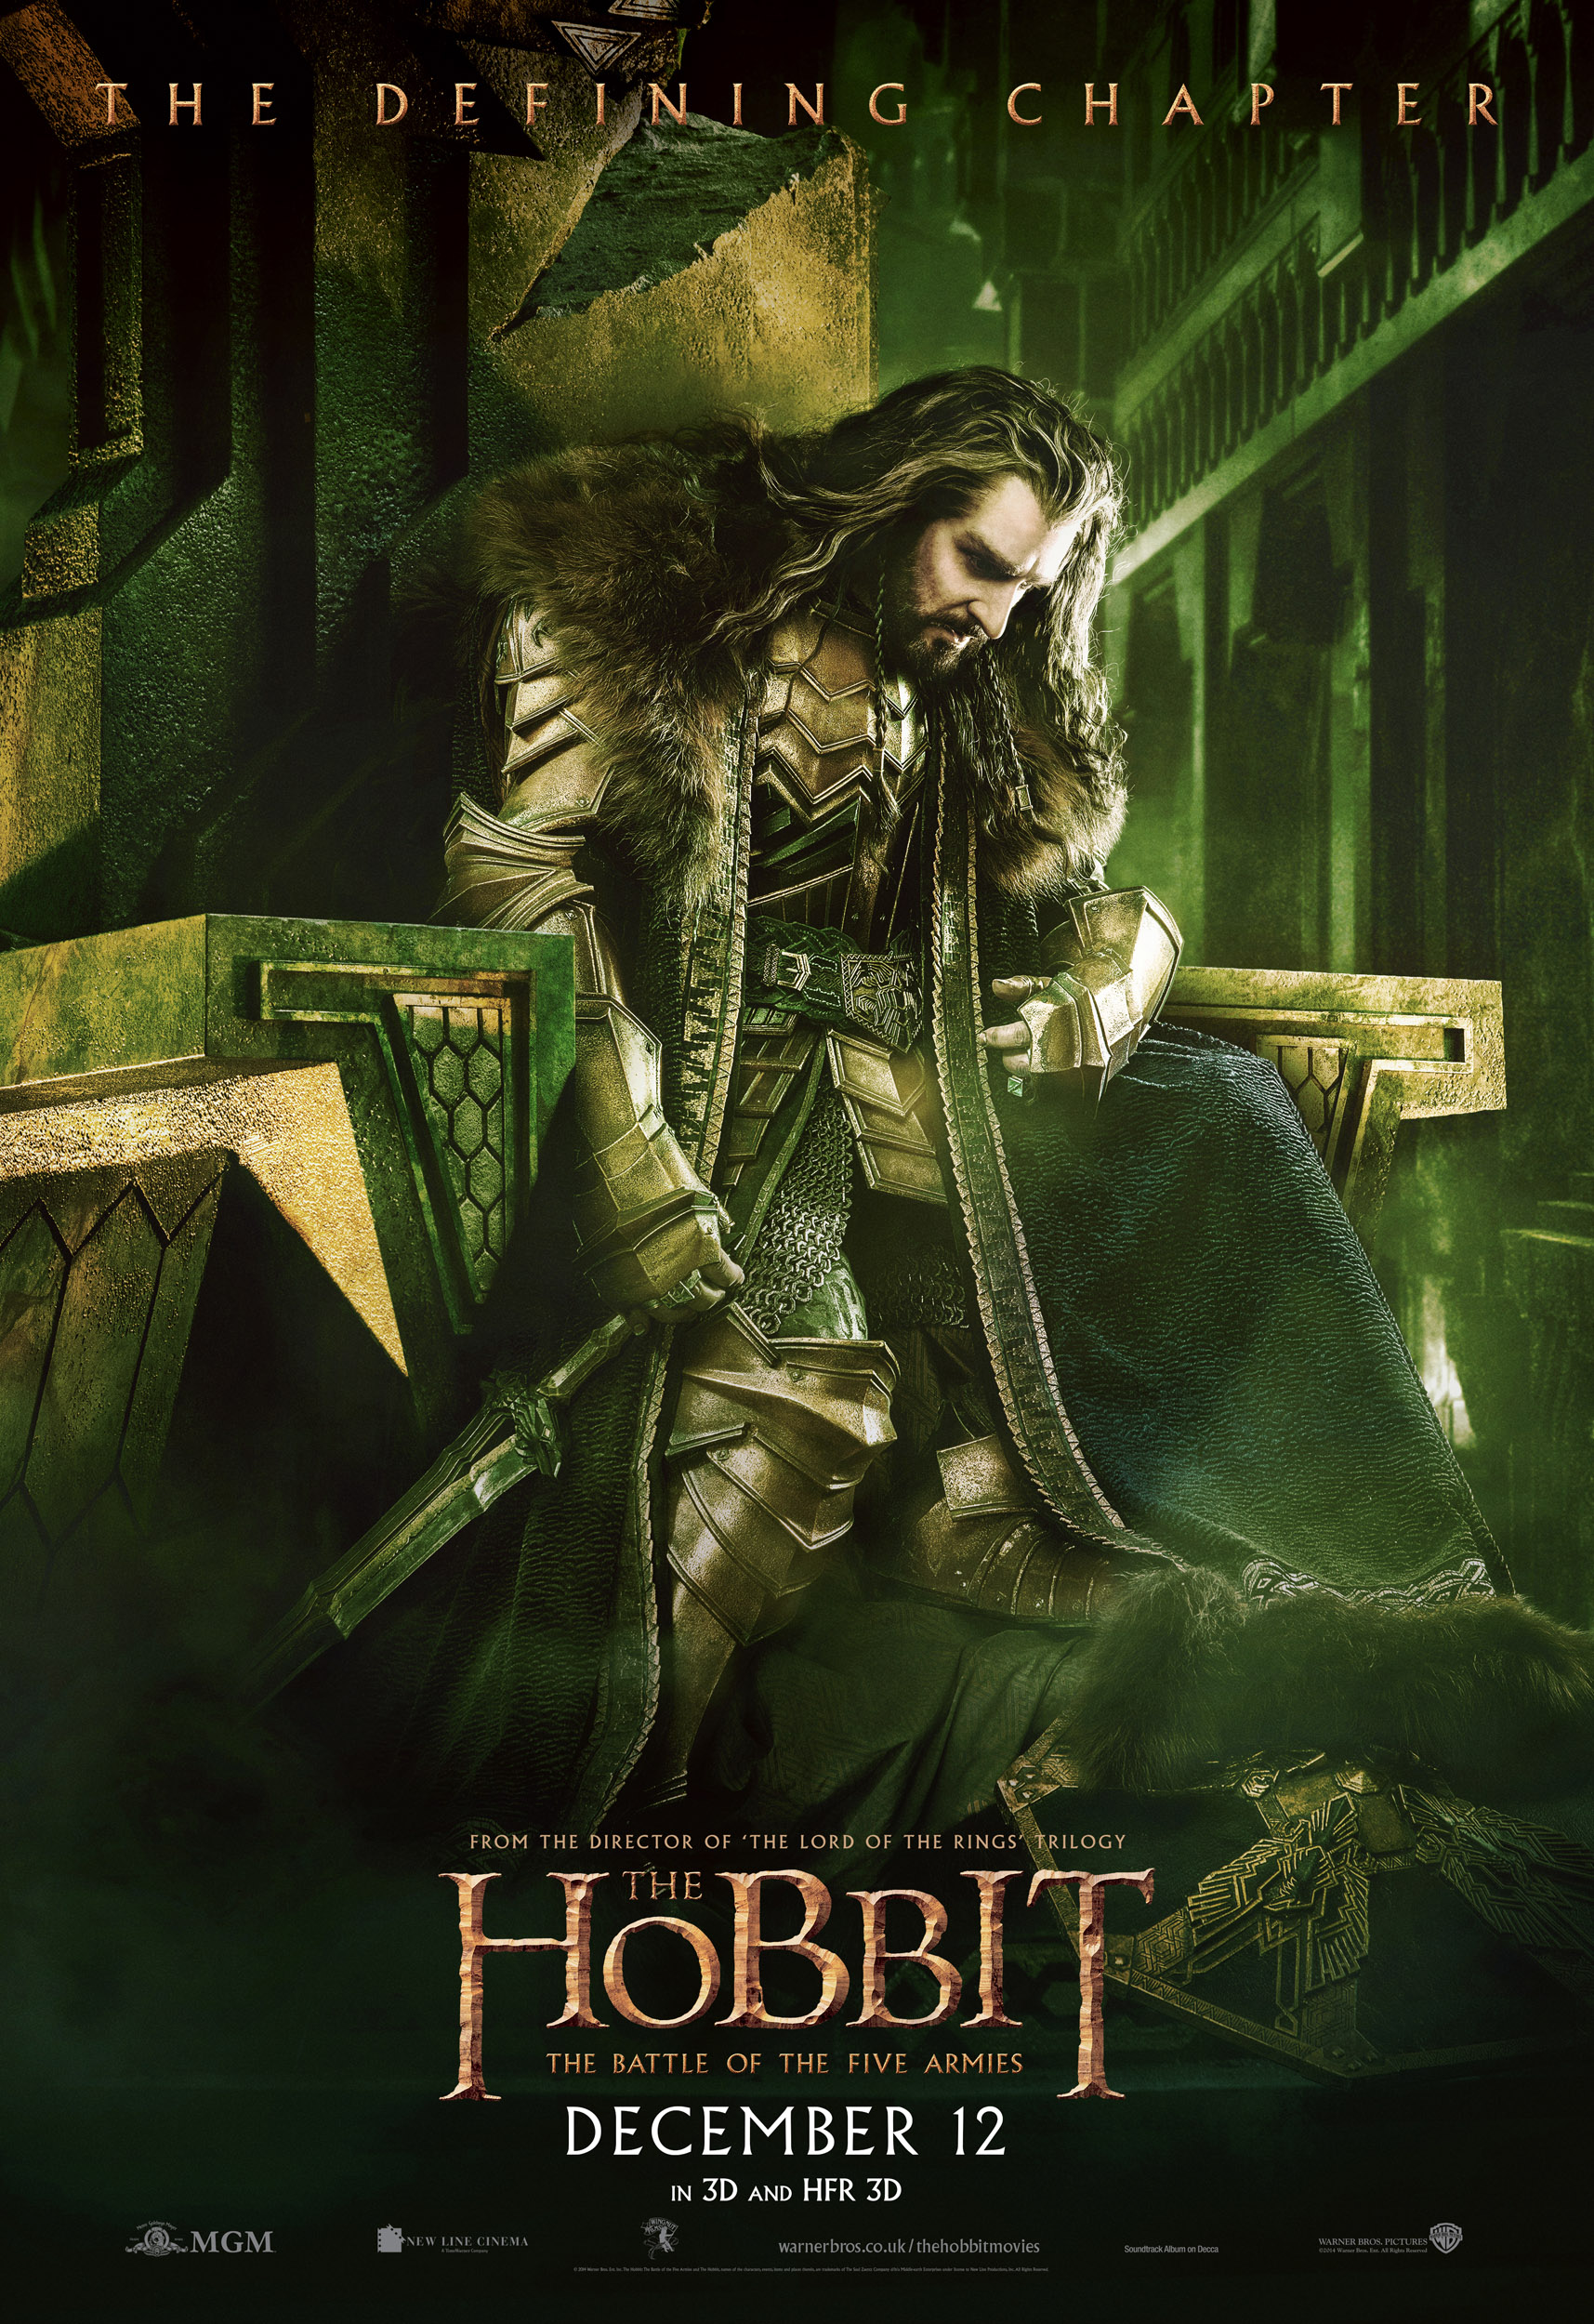 Le Seigneur des Anneaux / The Hobbit #3 UK_Thorin_Erebor_HBFA